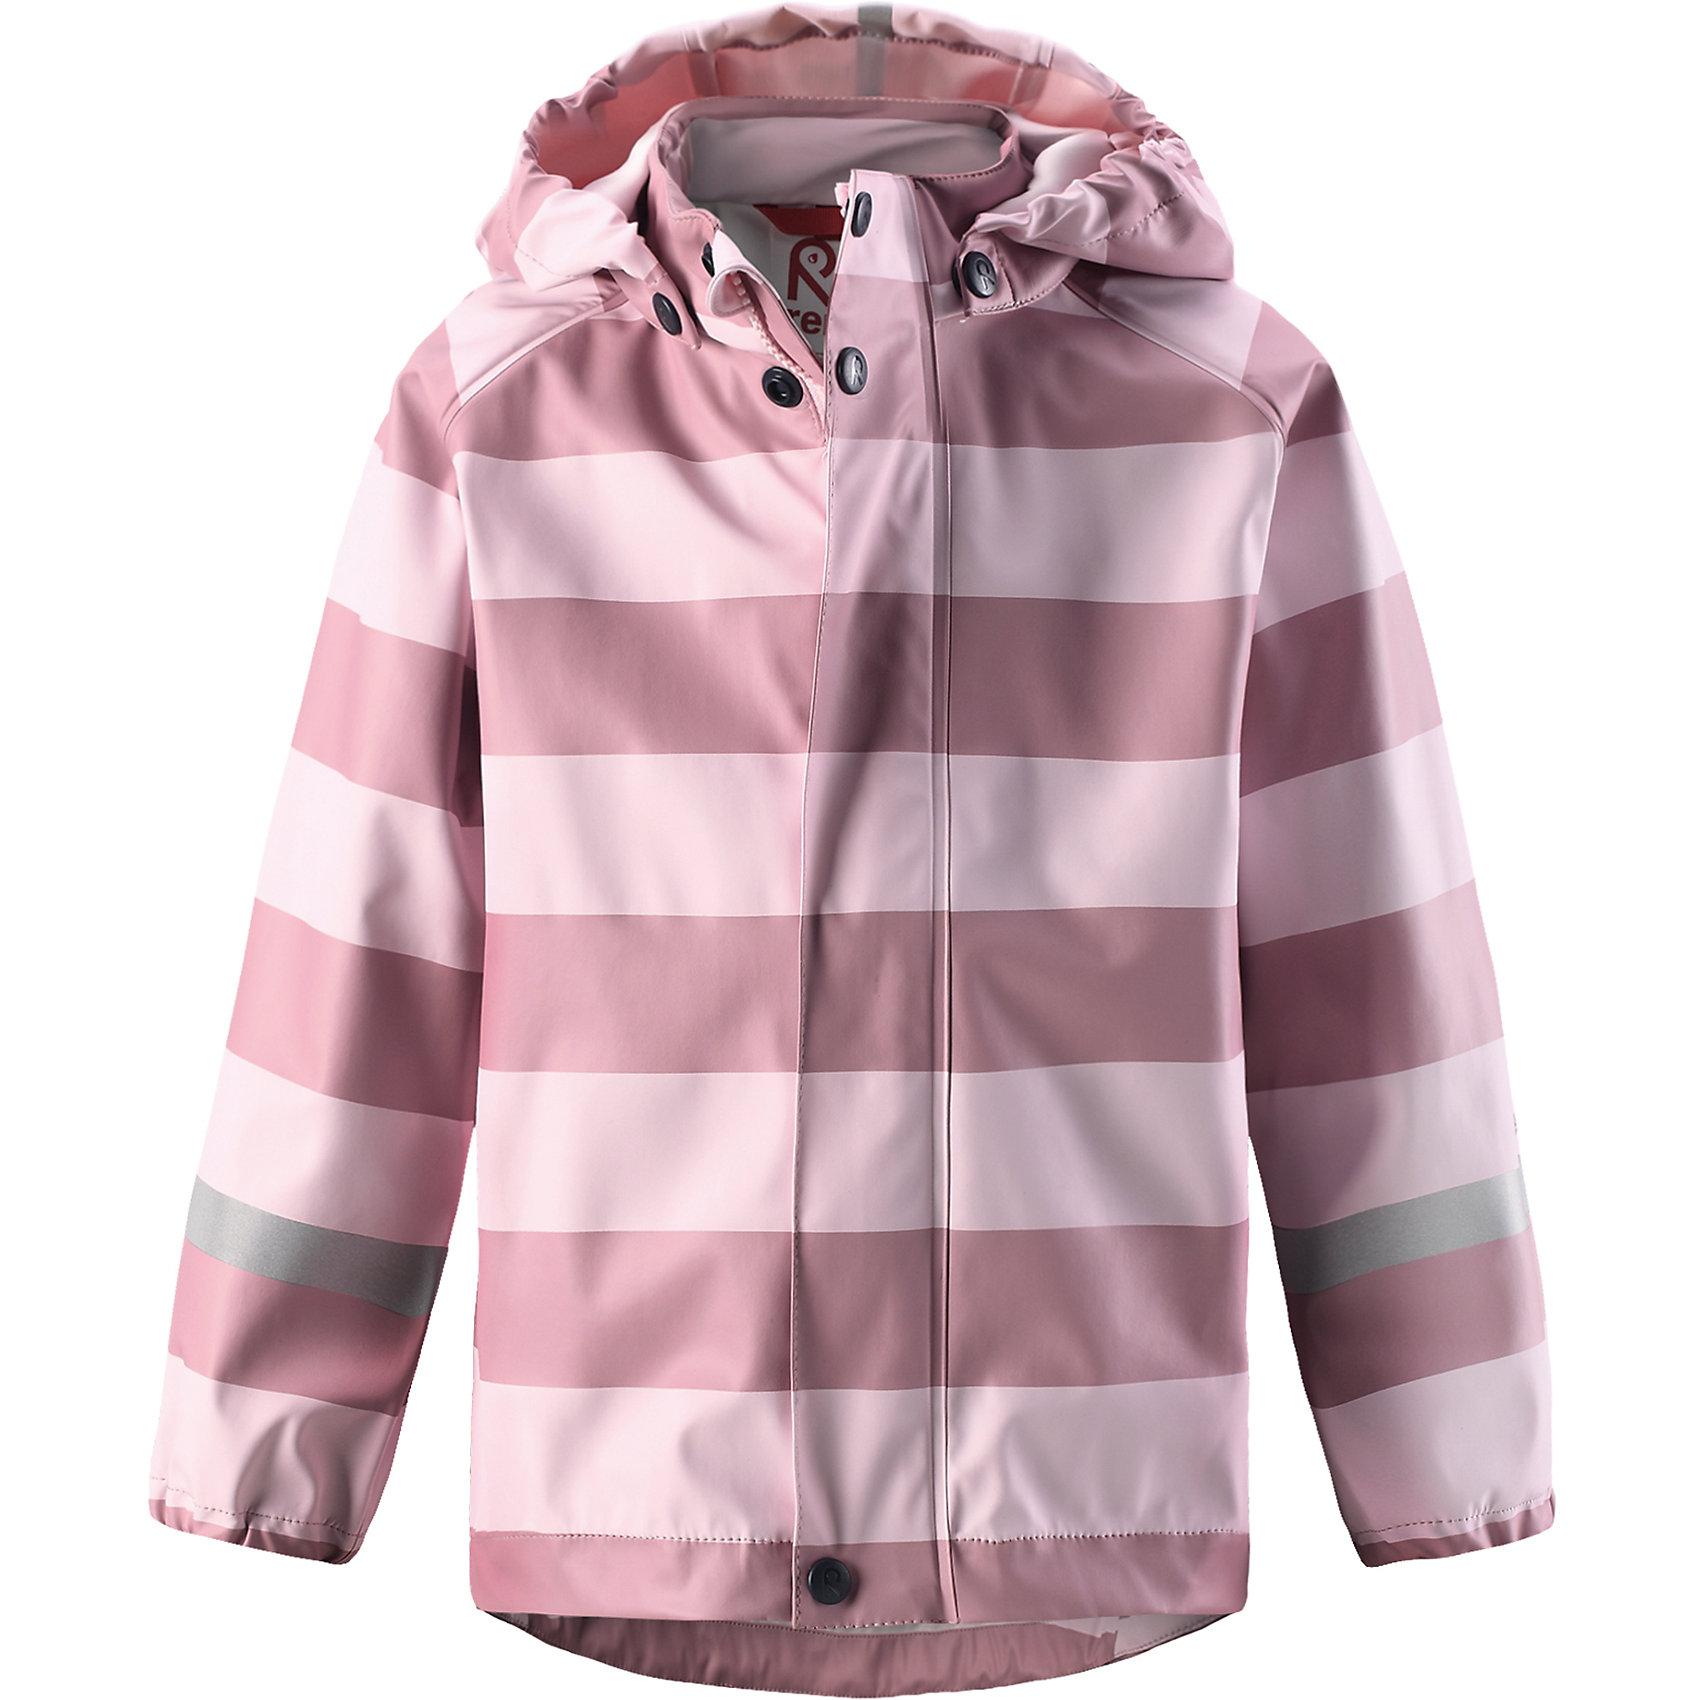 Плащ-дождевик Reima VesiОдежда<br>Детская куртка-дождевик изготовлена из удобного, эластичного материала, не содержащего ПВХ. Швы запаяны и абсолютно водонепроницаемы. Куртка-дождевик не деревенеет на морозе, поэтому ее можно носить круглый год – просто добавьте в холодную погоду теплый промежуточный слой. Съемный капюшон защитит даже от ливня, при этом он безопасен во время прогулок в дождливый день. Молния спереди во всю длину и множество светоотражающих деталей. Сочетайте куртку с брюками для дождя Reima® и вы заметите – в дождь играть еще веселее!<br>Состав:<br>100% Полиэстер<br><br>Ширина мм: 356<br>Глубина мм: 10<br>Высота мм: 245<br>Вес г: 519<br>Цвет: розовый<br>Возраст от месяцев: 108<br>Возраст до месяцев: 120<br>Пол: Унисекс<br>Возраст: Детский<br>Размер: 140,86,92,98,104,110,116,122,128,134<br>SKU: 6901468